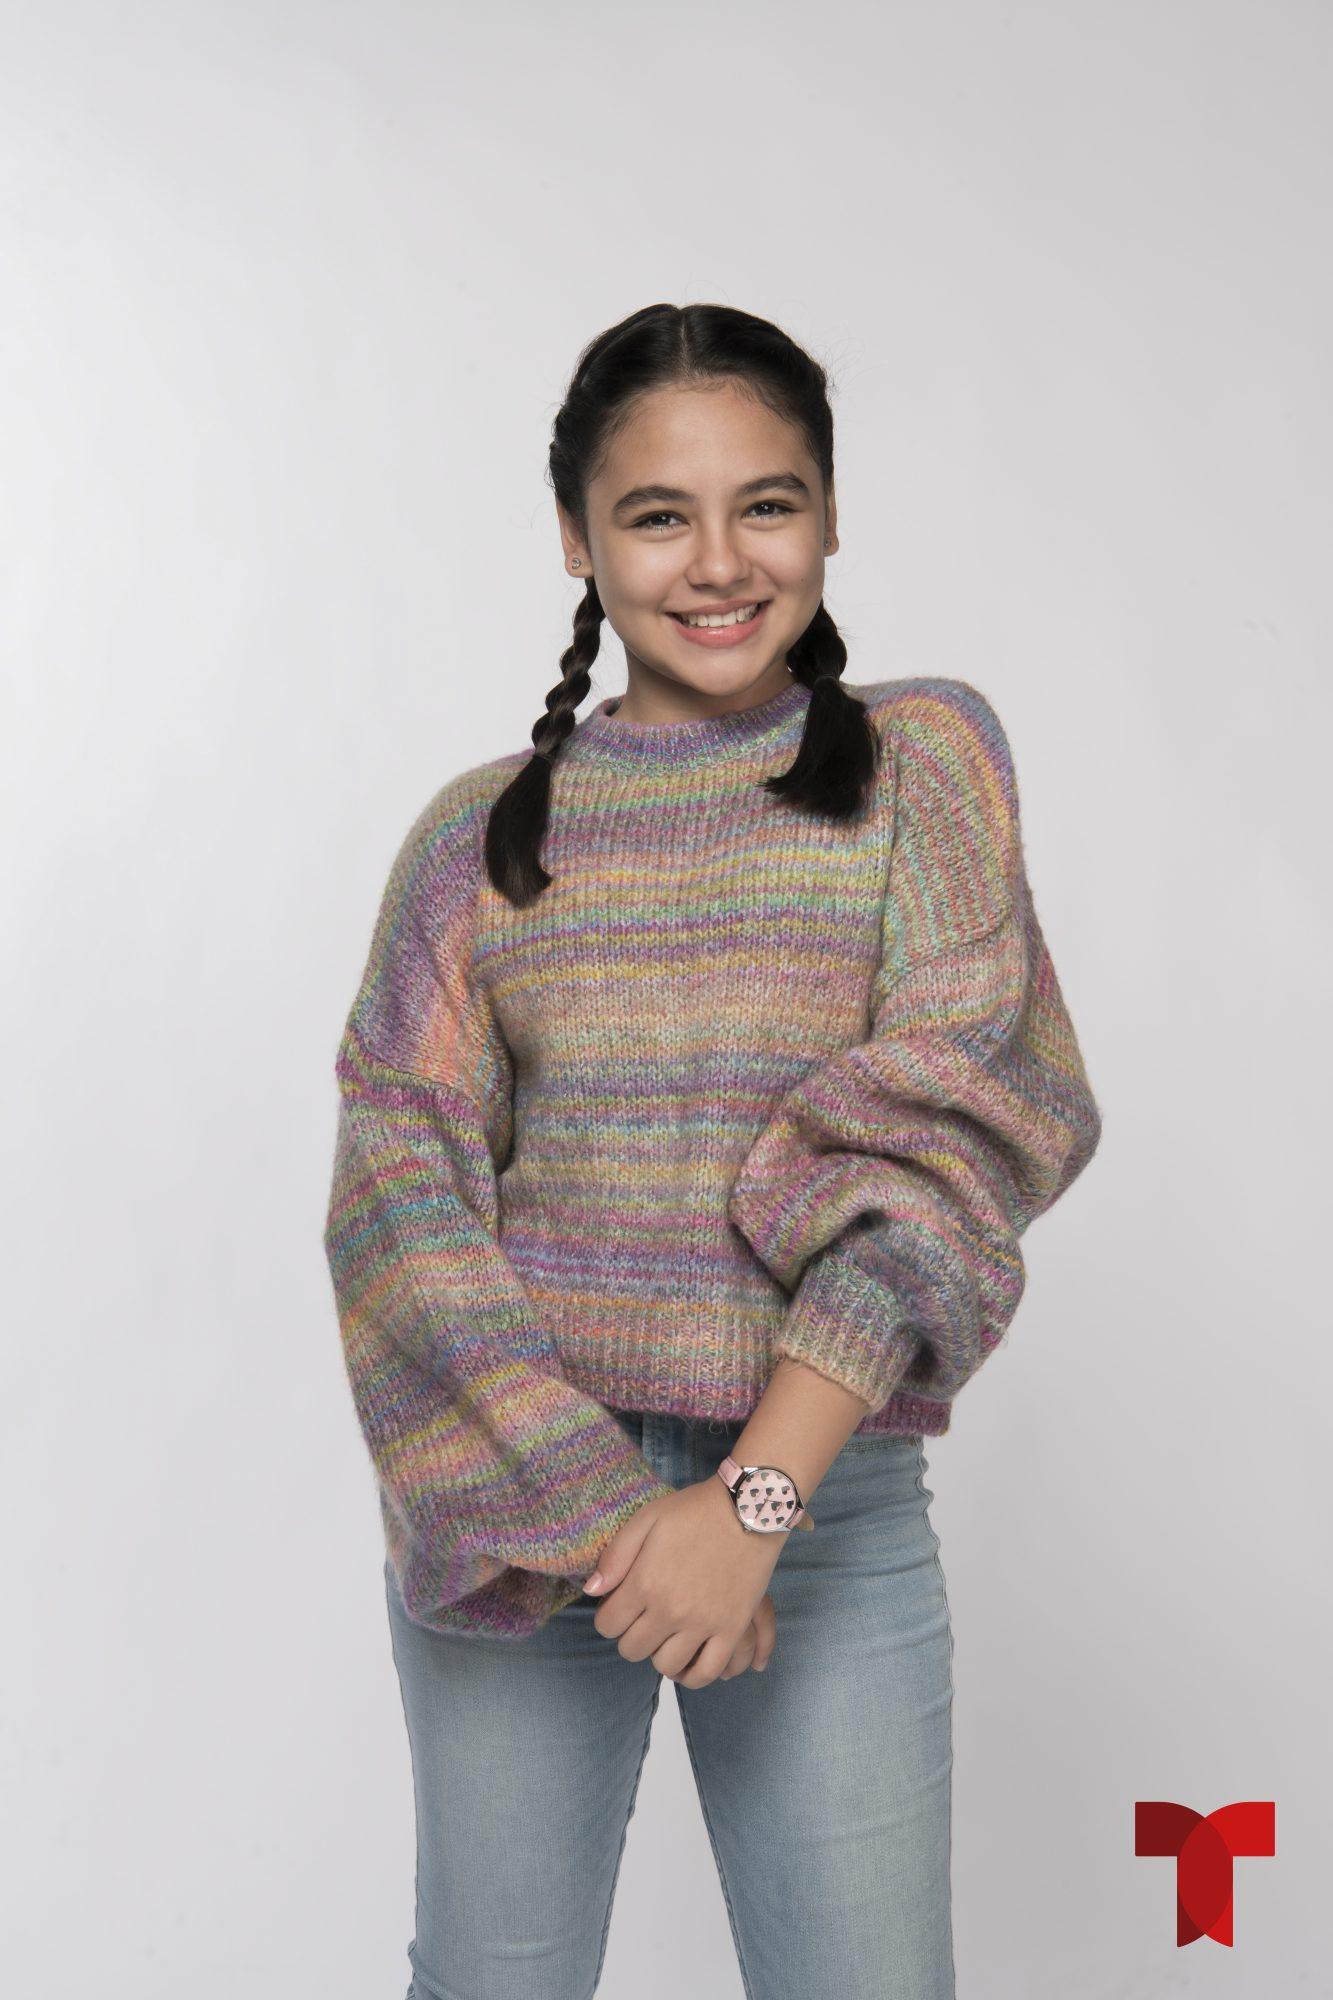 Isabella Sierra